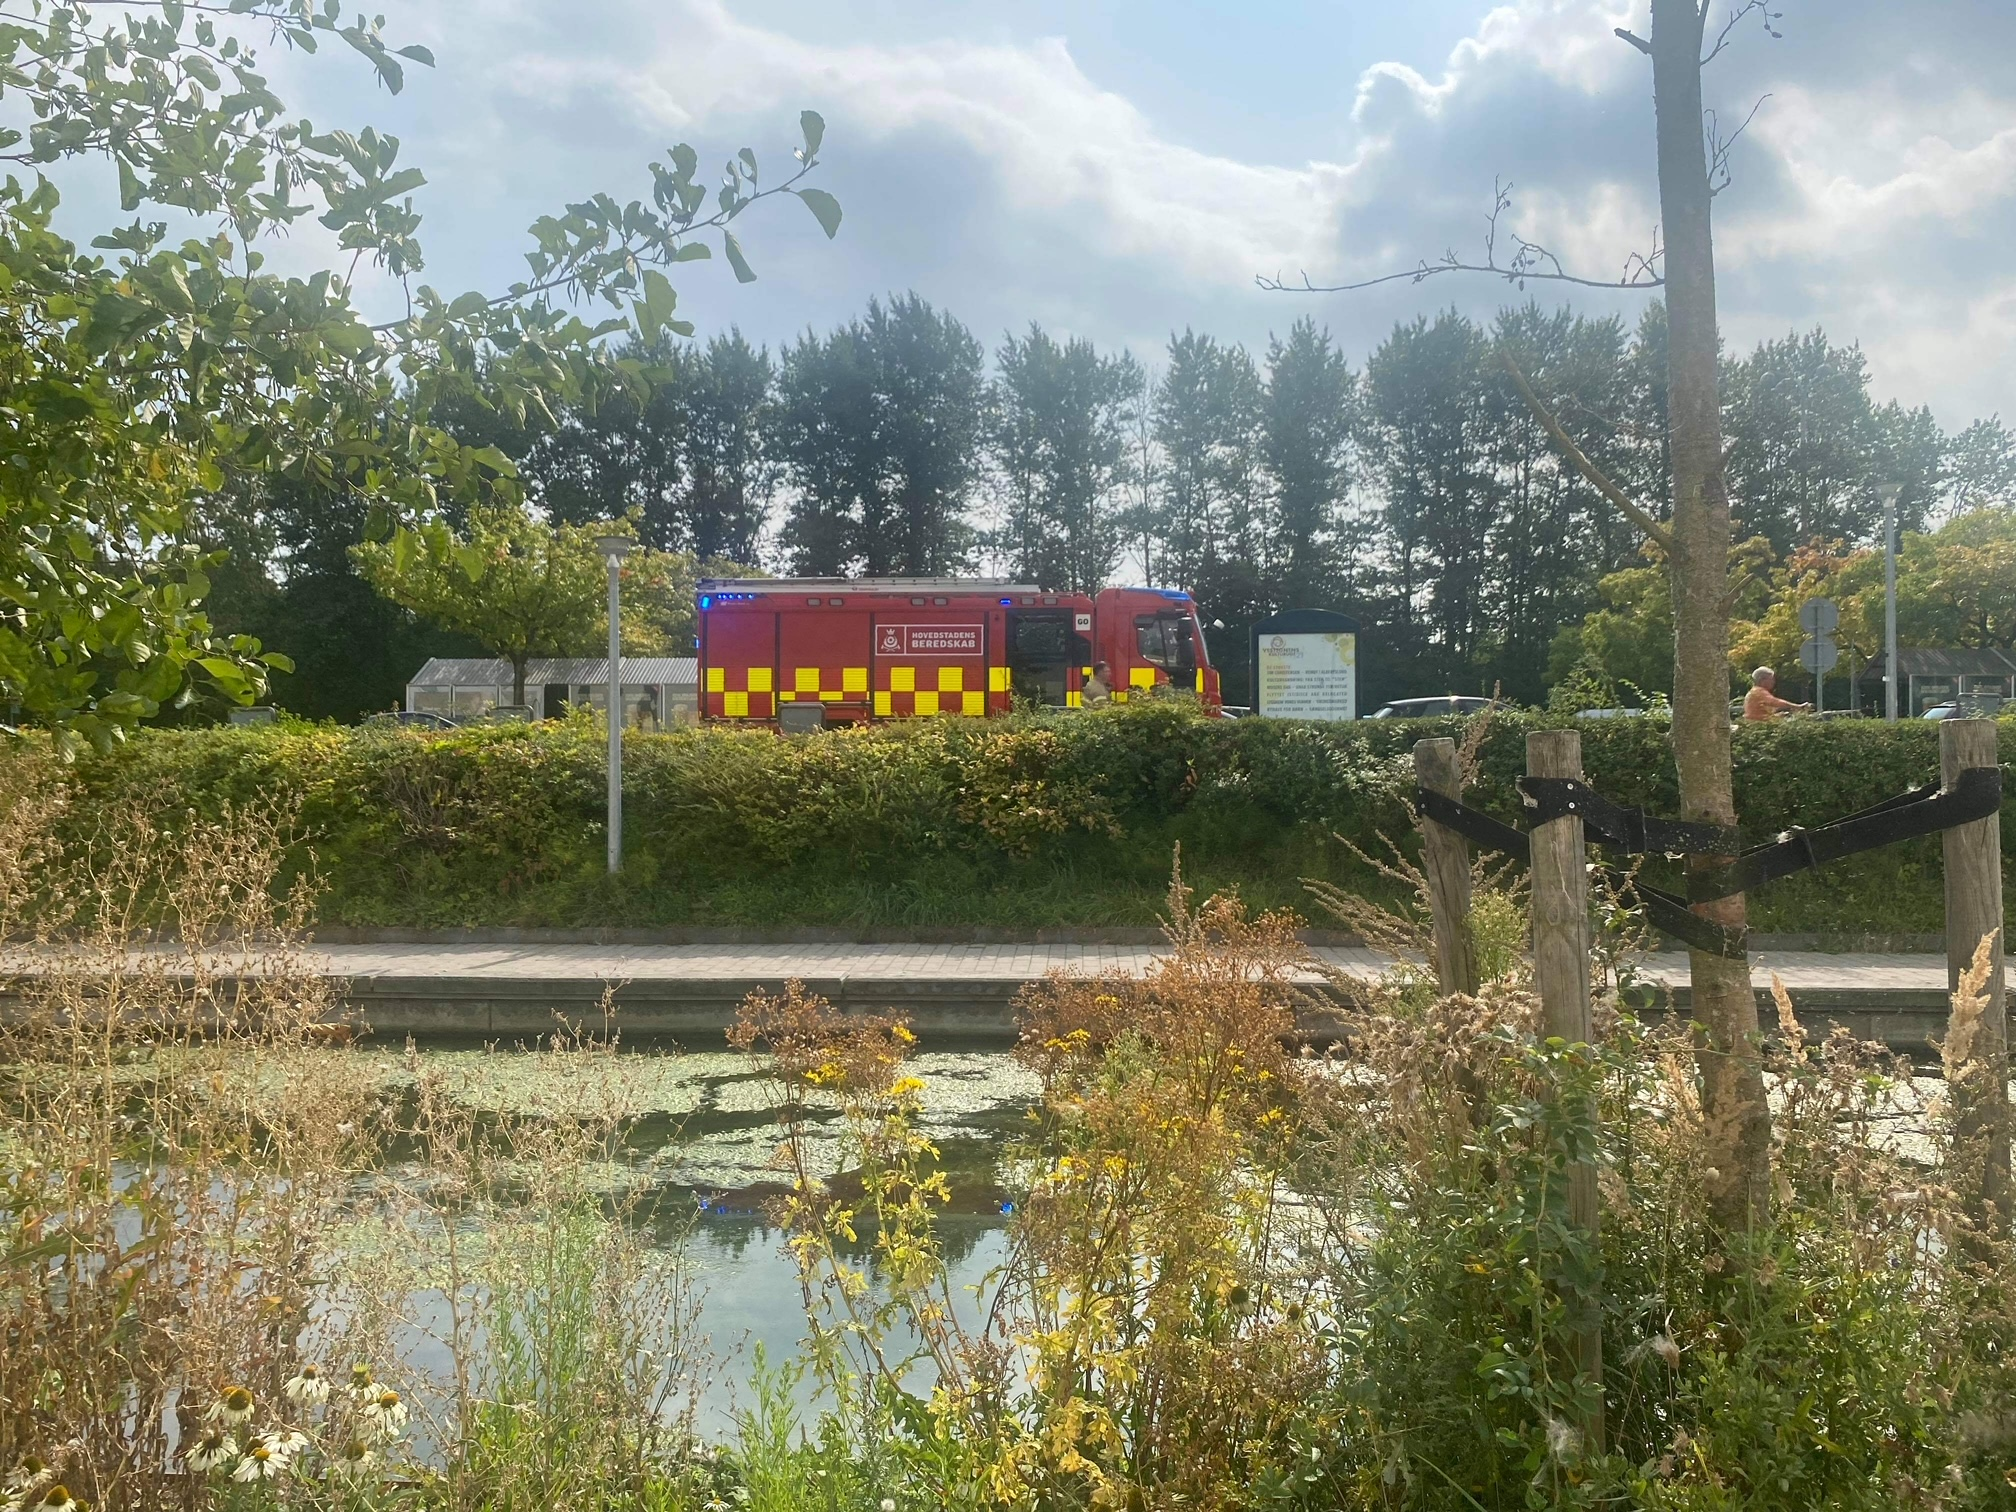 Hund faldt i kanalen - brandvæsenet med udrykning kom til undsætning